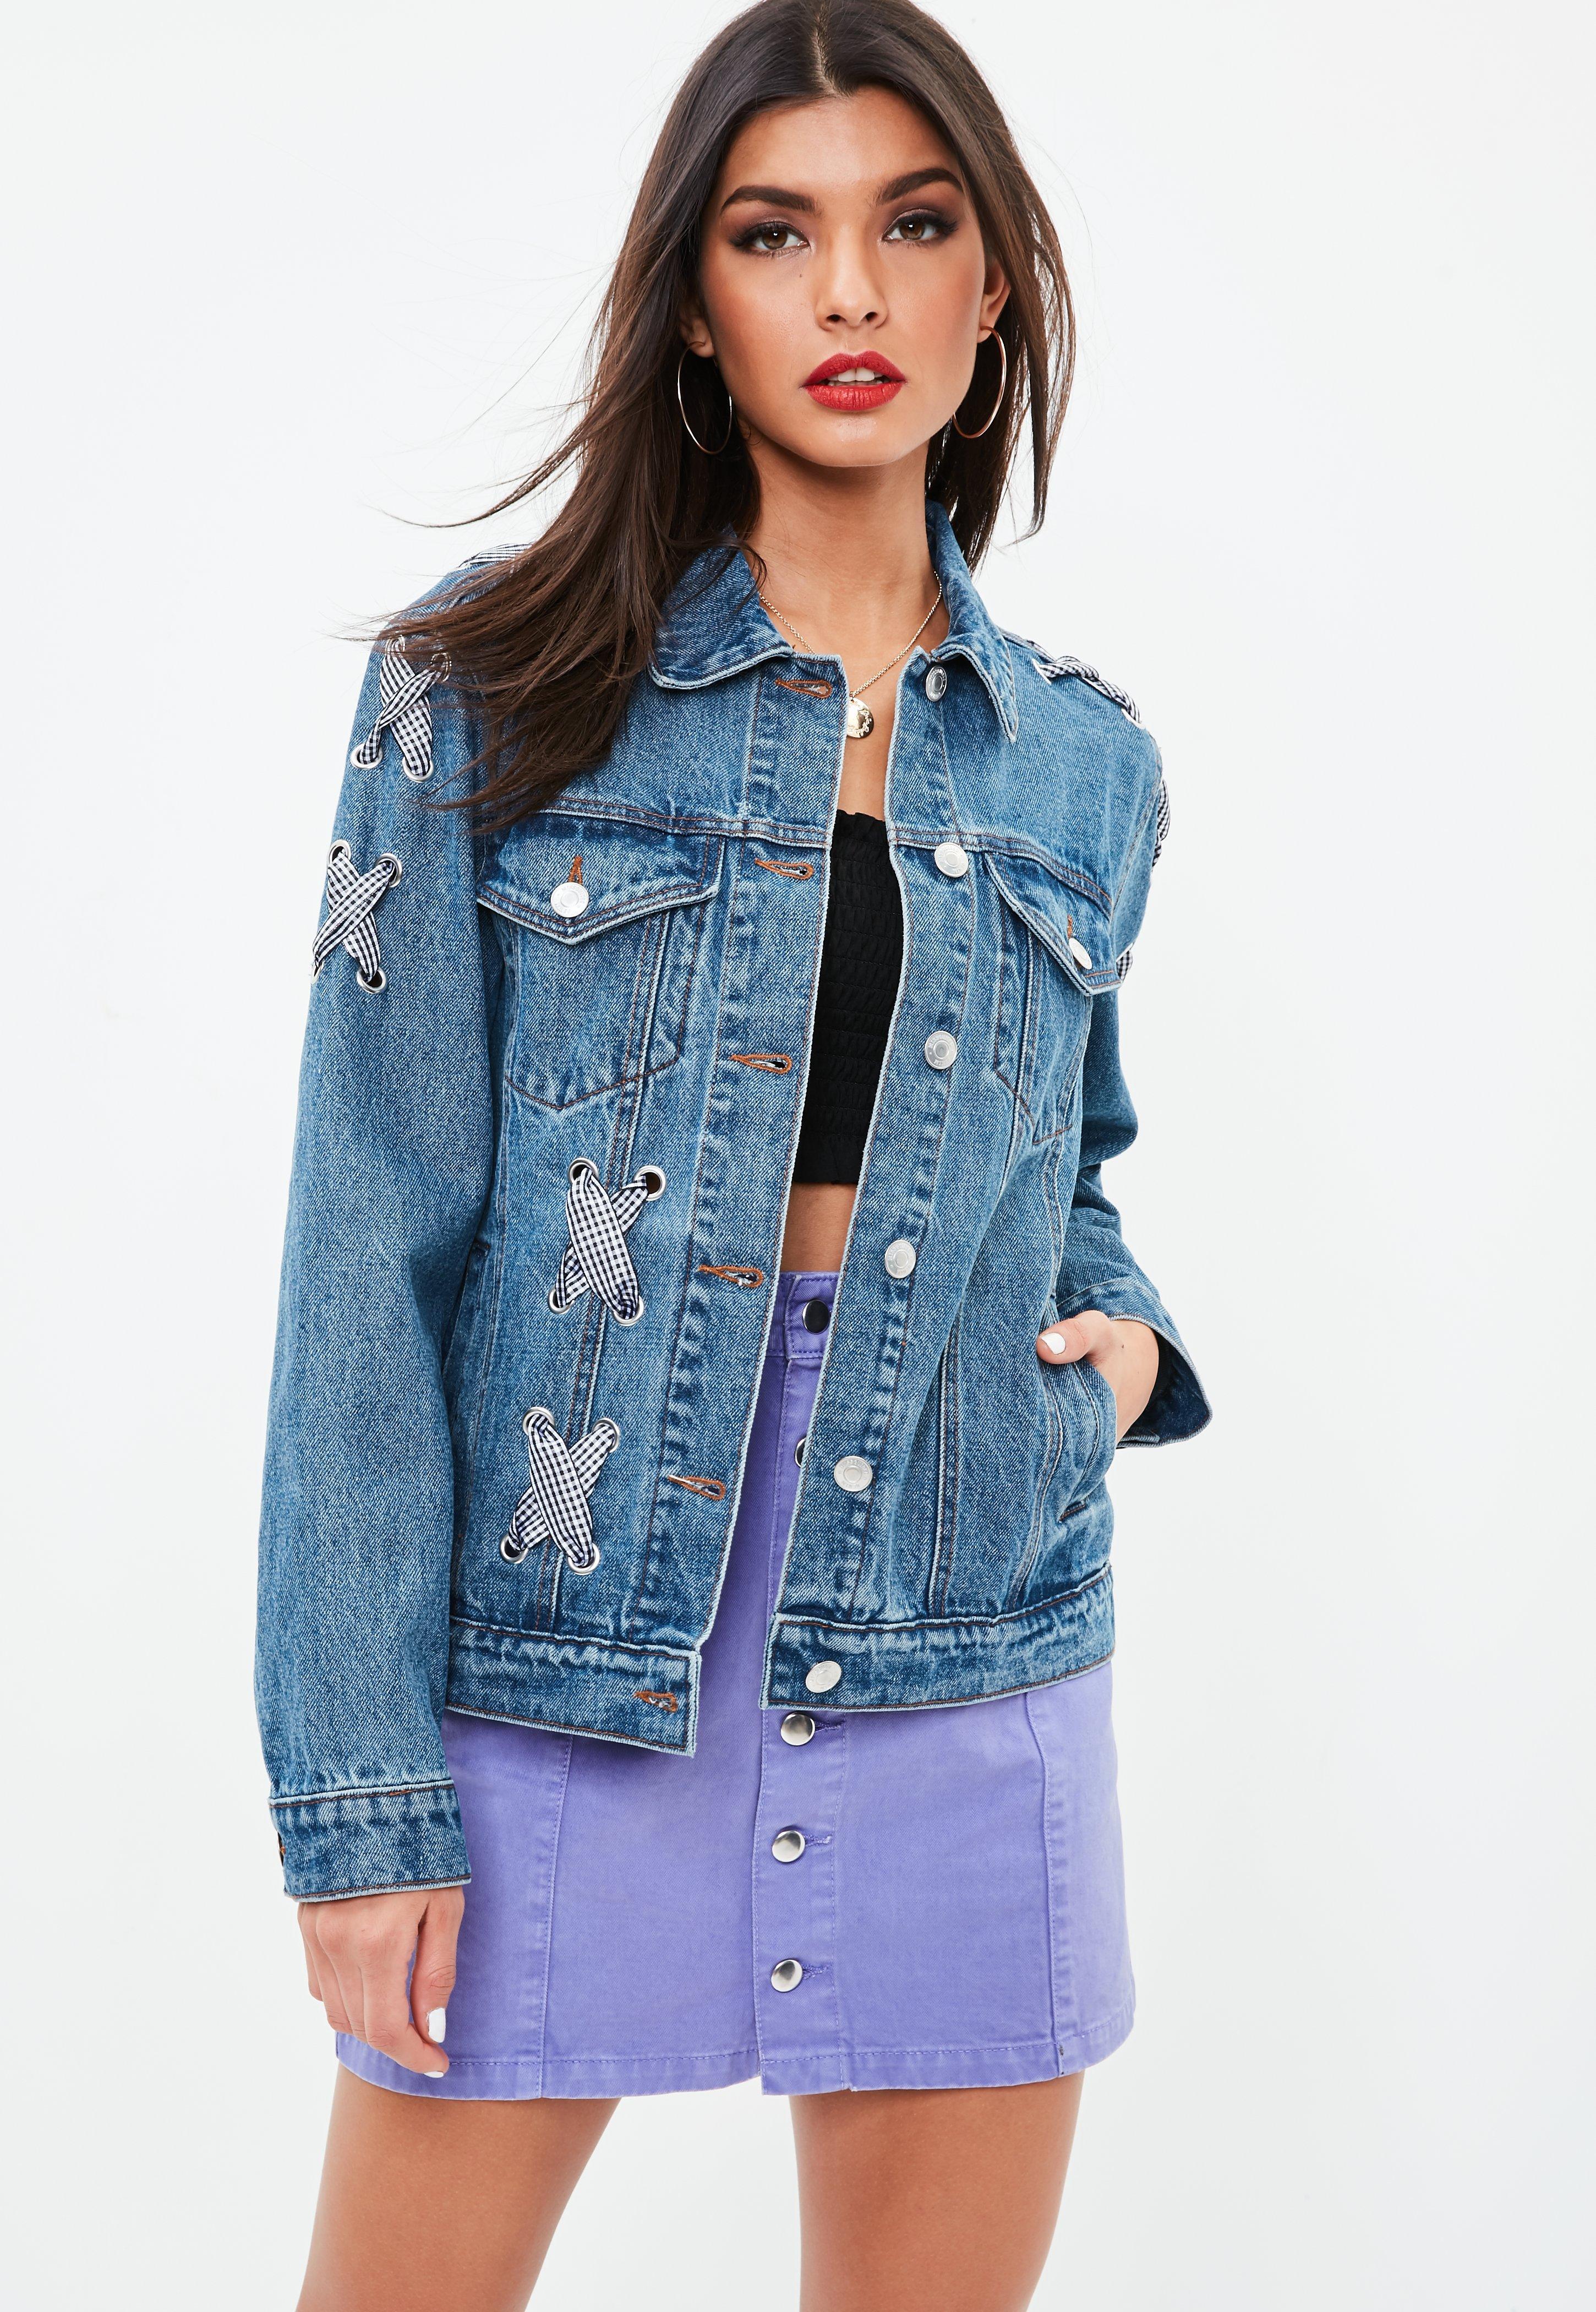 Women\'s Denim Jackets - Jean Jackets Online   Missguided